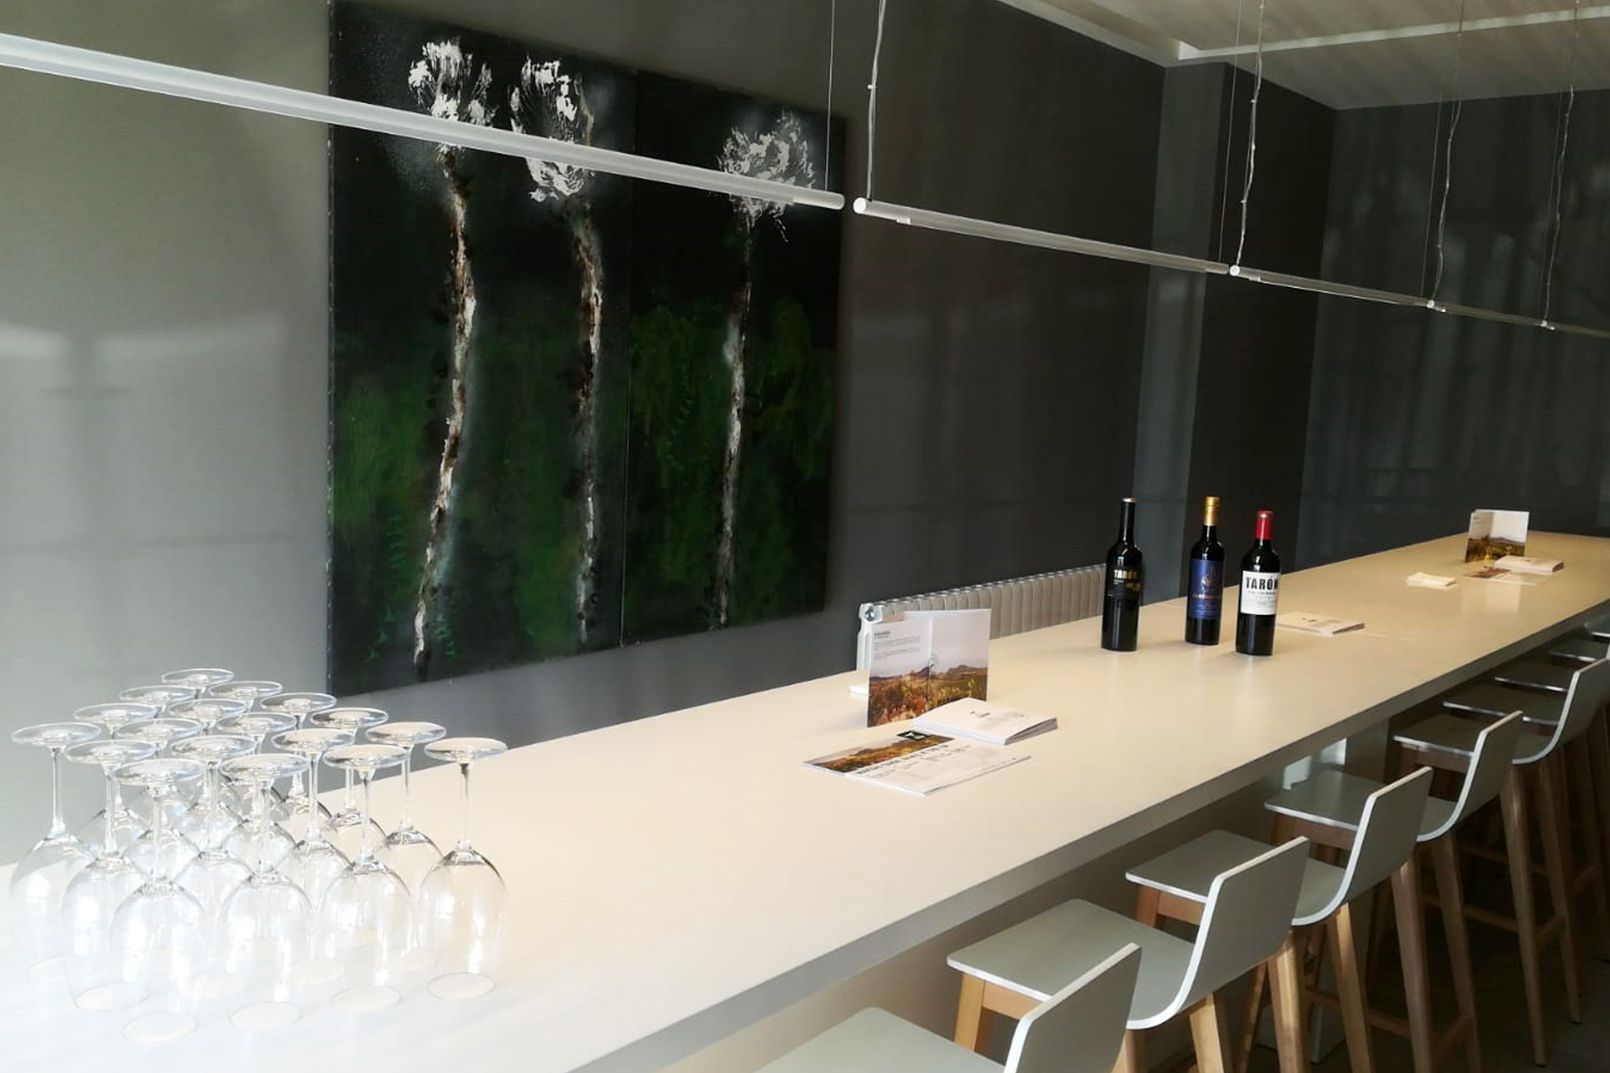 ENOTURISMO la rioja BODEGAS TARON wine bar